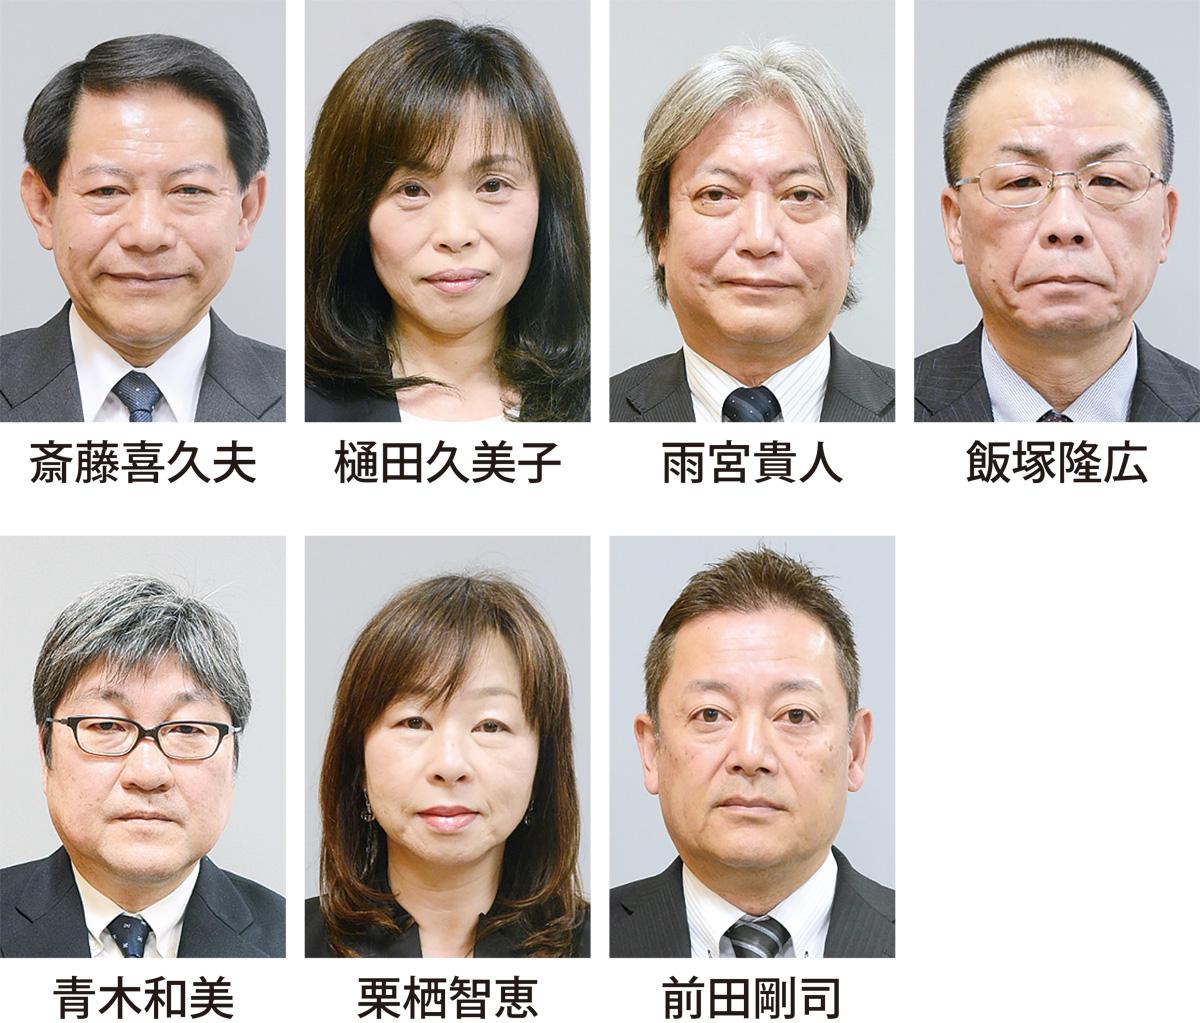 部長職に新任7人